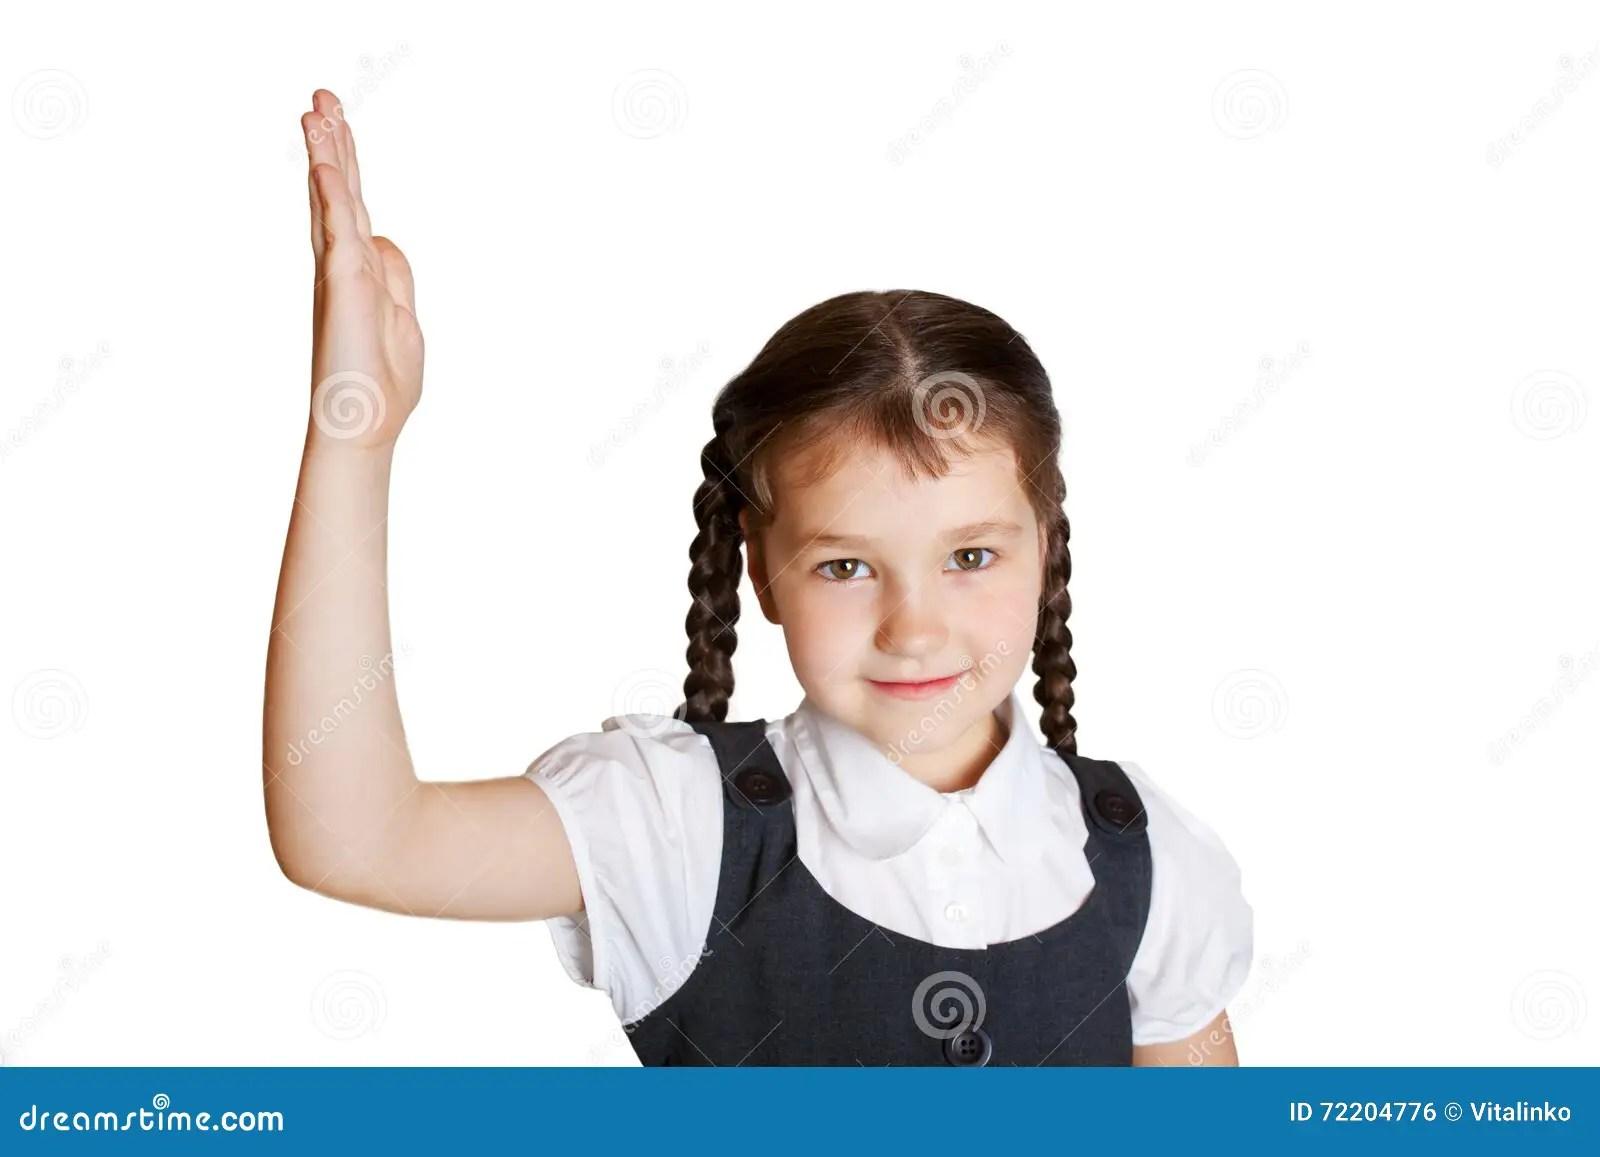 Elementary School Child Raising Her Hand Up Stock Photo